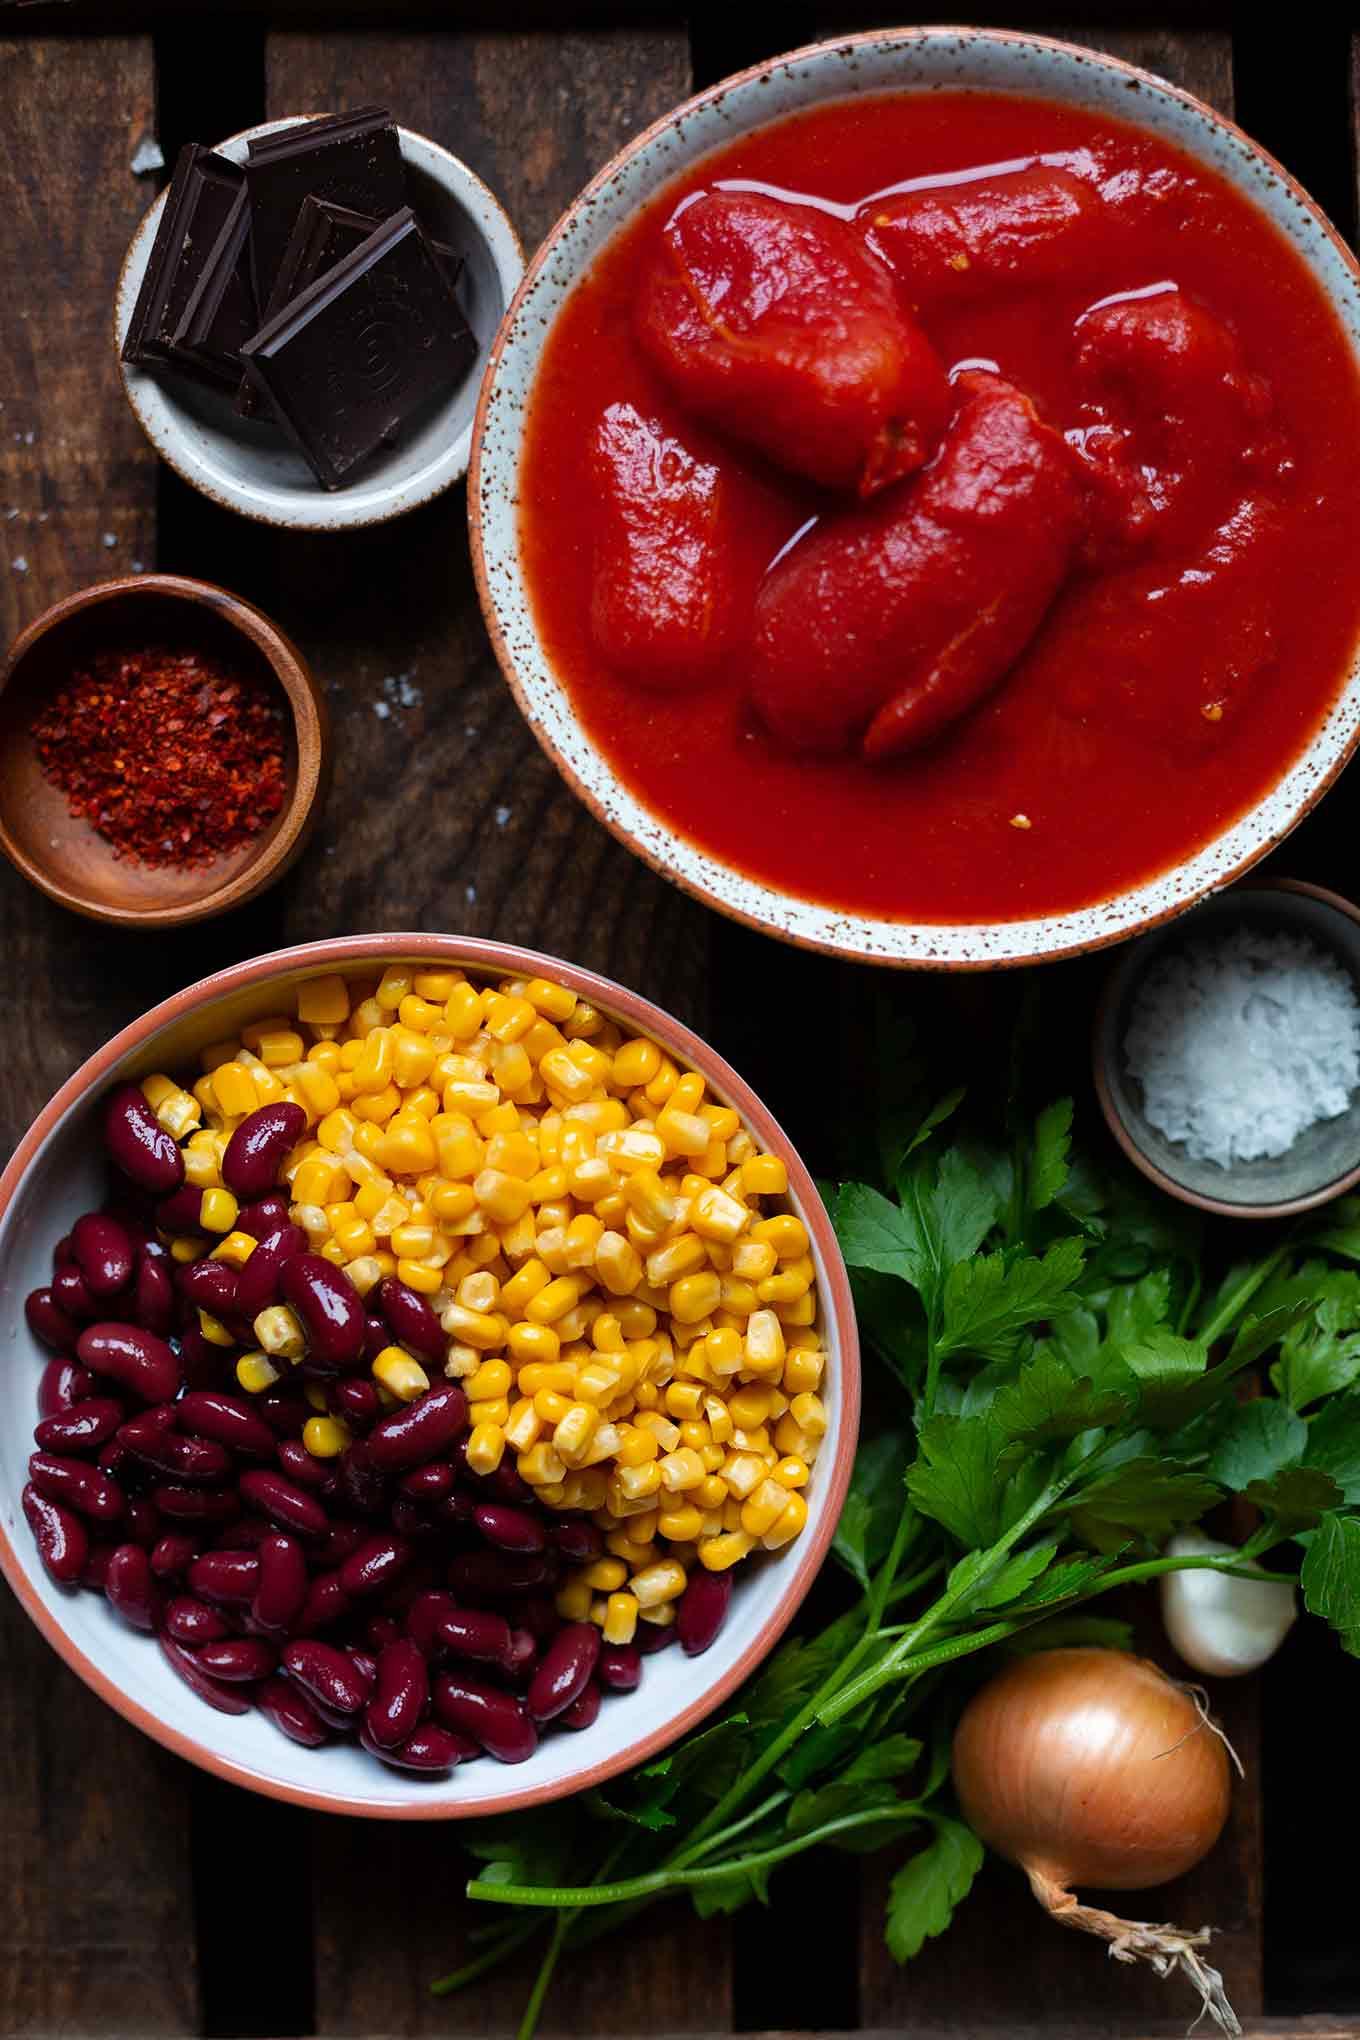 Einfaches Chili con Carne mit Schokolade. Mit ordentlich Chili, fruchtigen Tomaten und dem Extra-Kick Schokolade – super einfach, schnell zubereitet und so lecker! - Kochkarussell Foodblog #chili #schokolade #schnell #soulfood